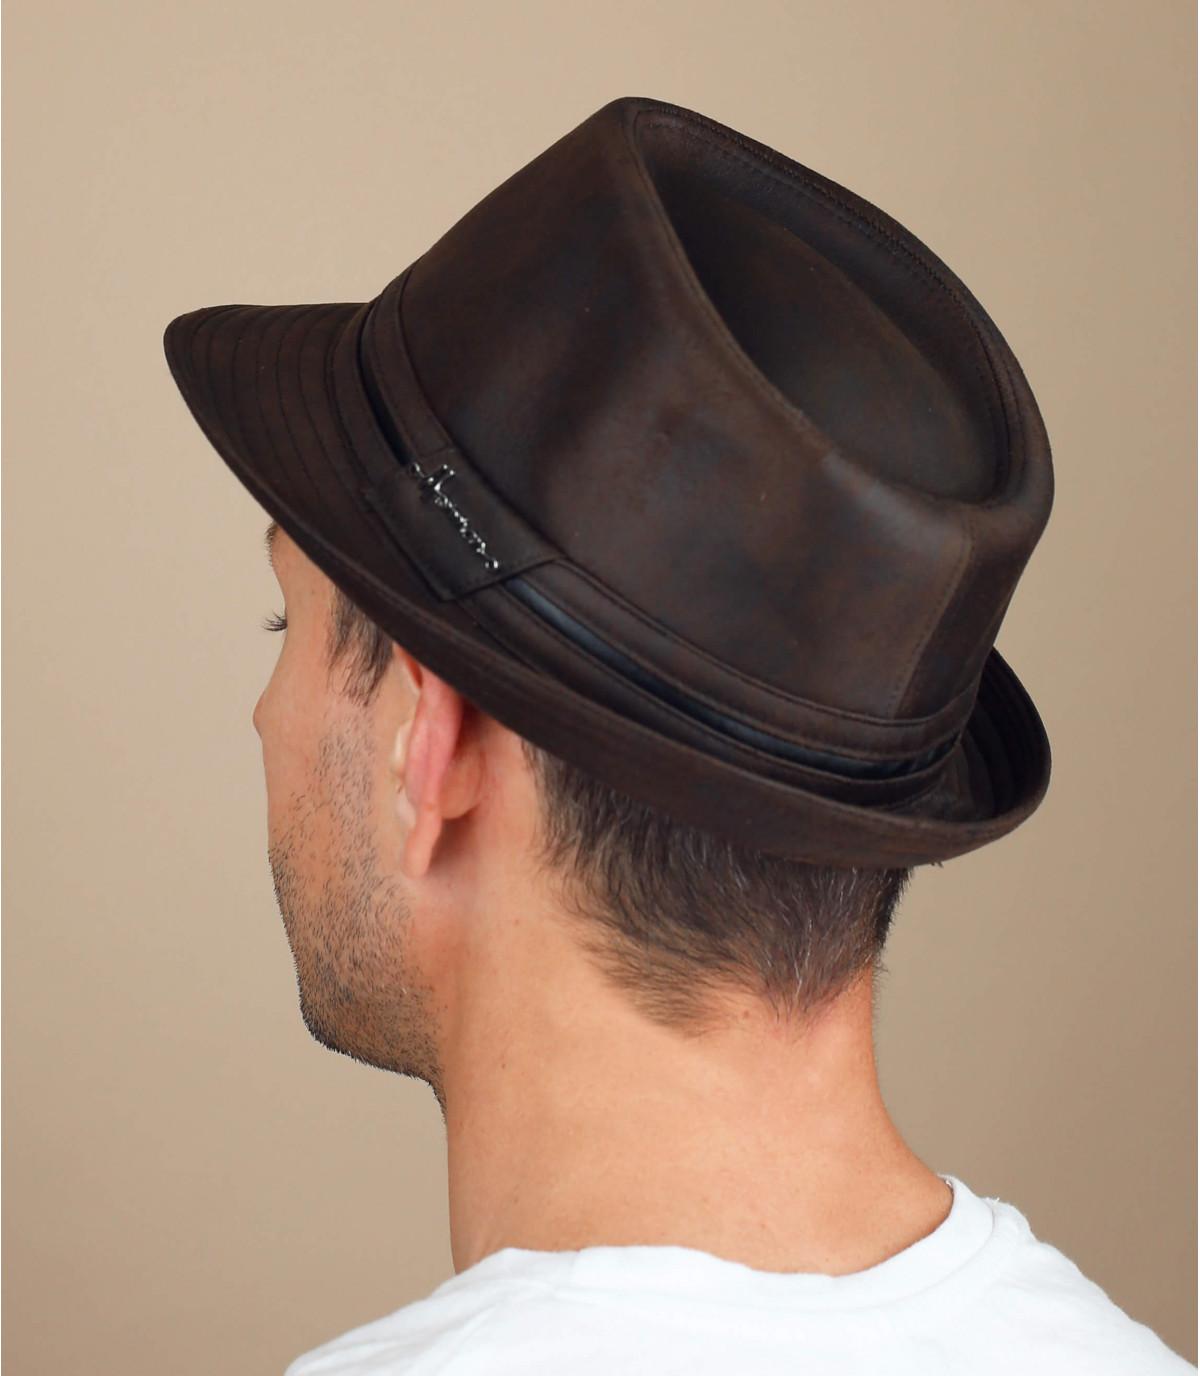 Brauner Hut - Kaufen Sie Online db91d353f022